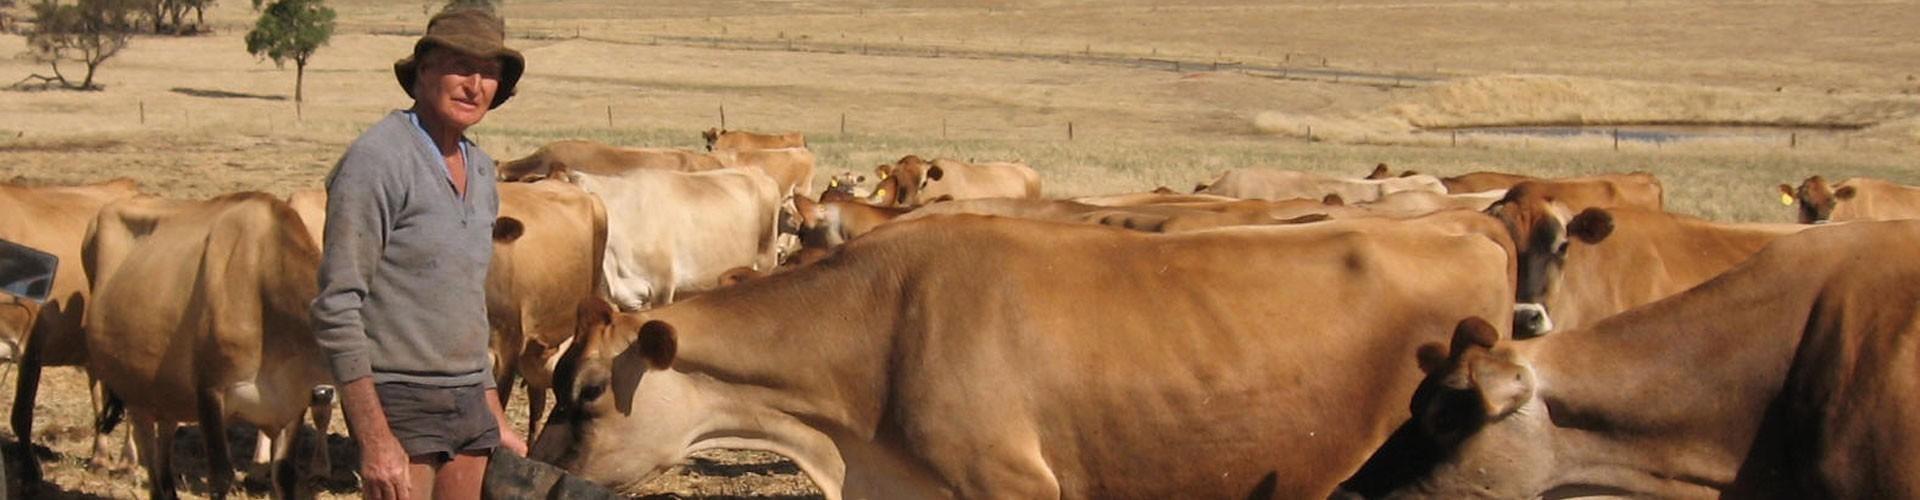 Mælkeproducenter dropper mejeriet